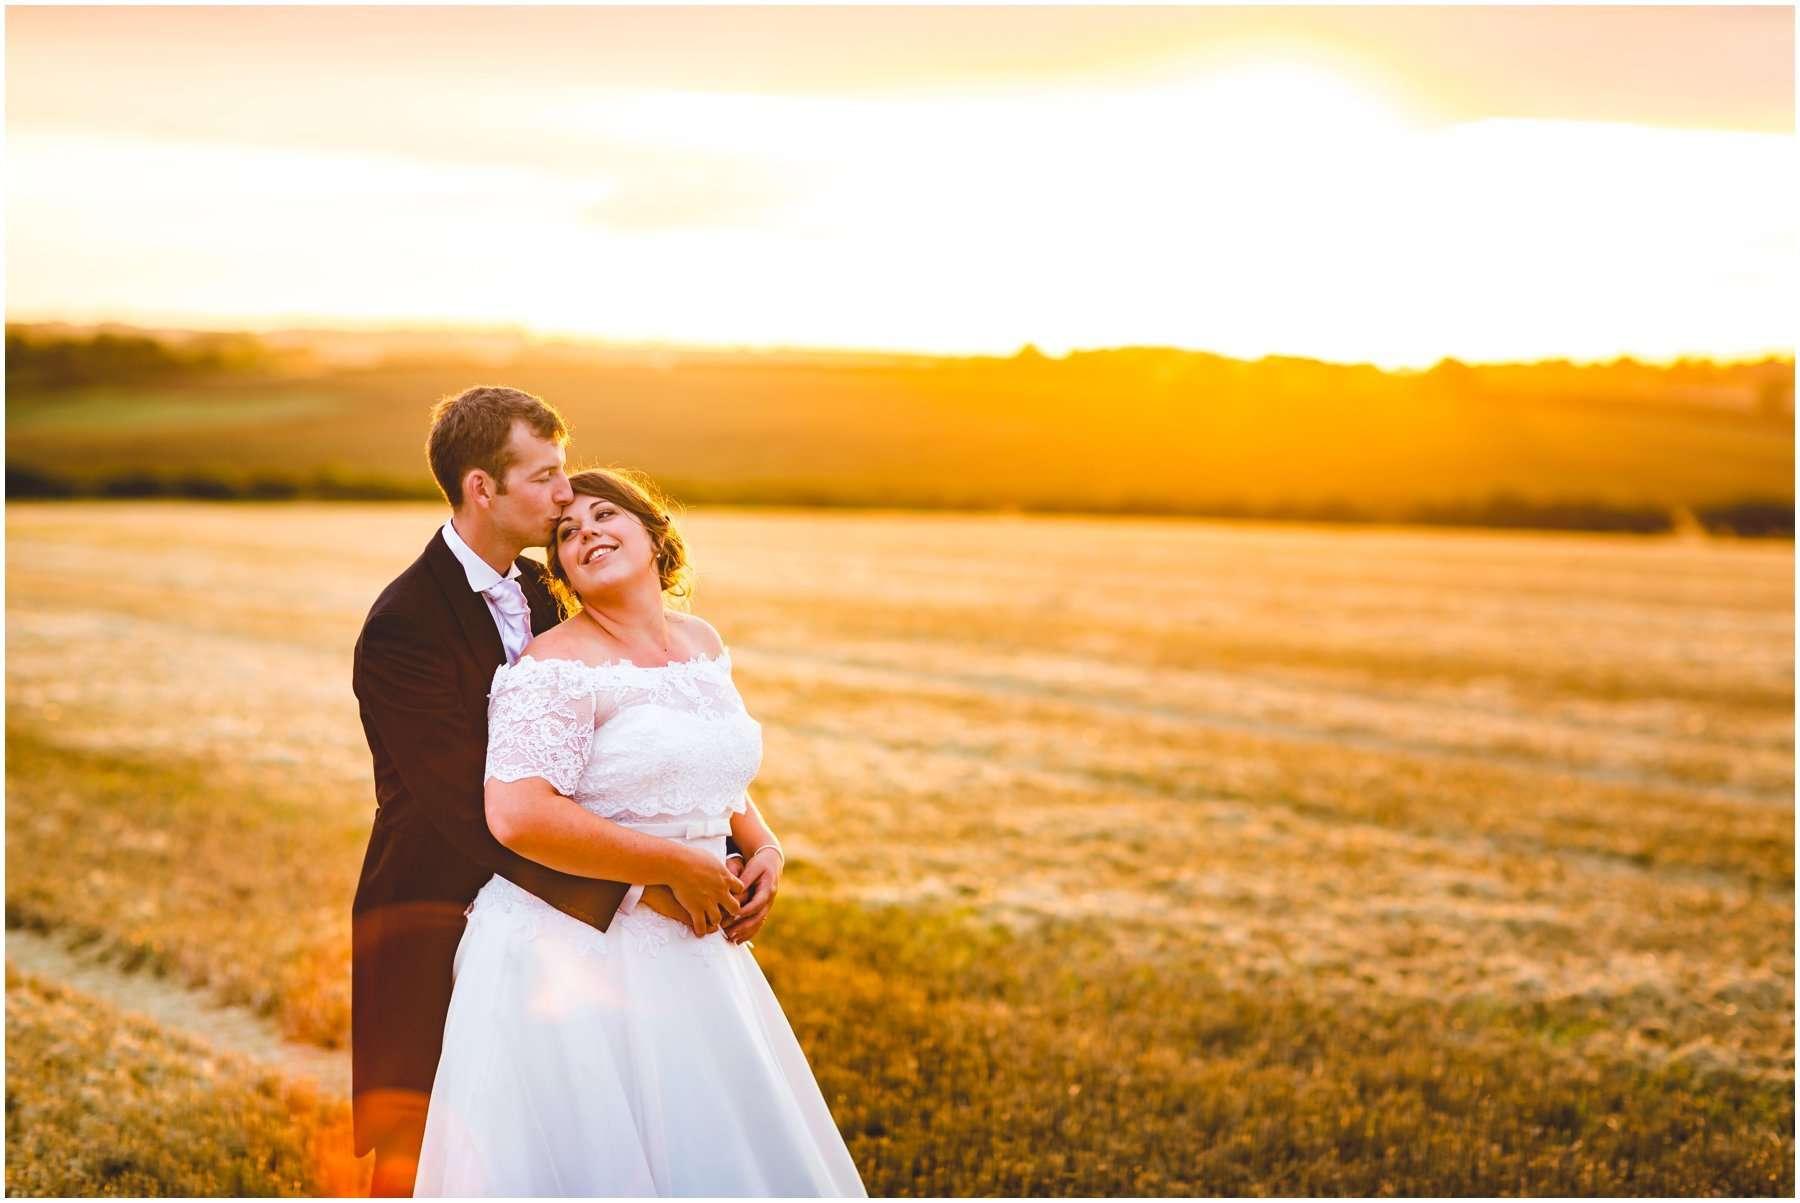 NATASHA AND ELLIOT - NORFOLK WEDDING PHOTOGRAPHER 1